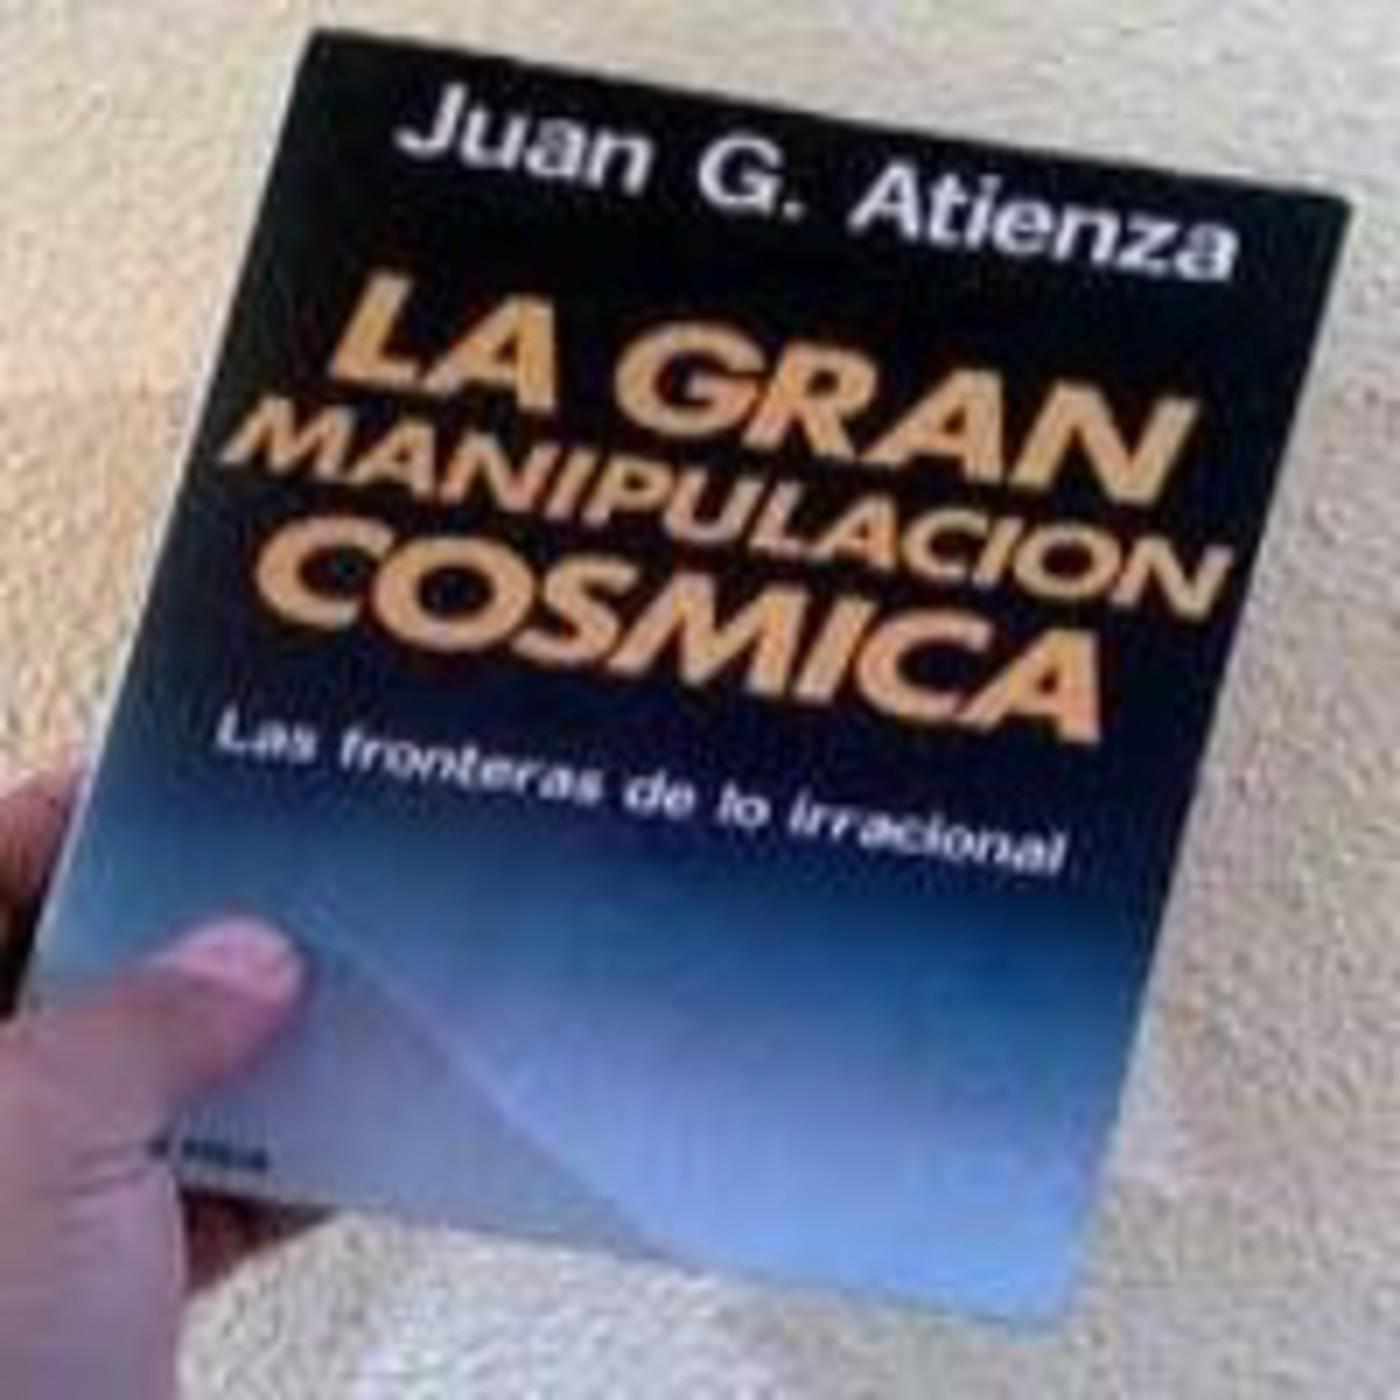 (Matrix) La Gran Manipulación Cósmica 13-14 Final - Juan García Atienza